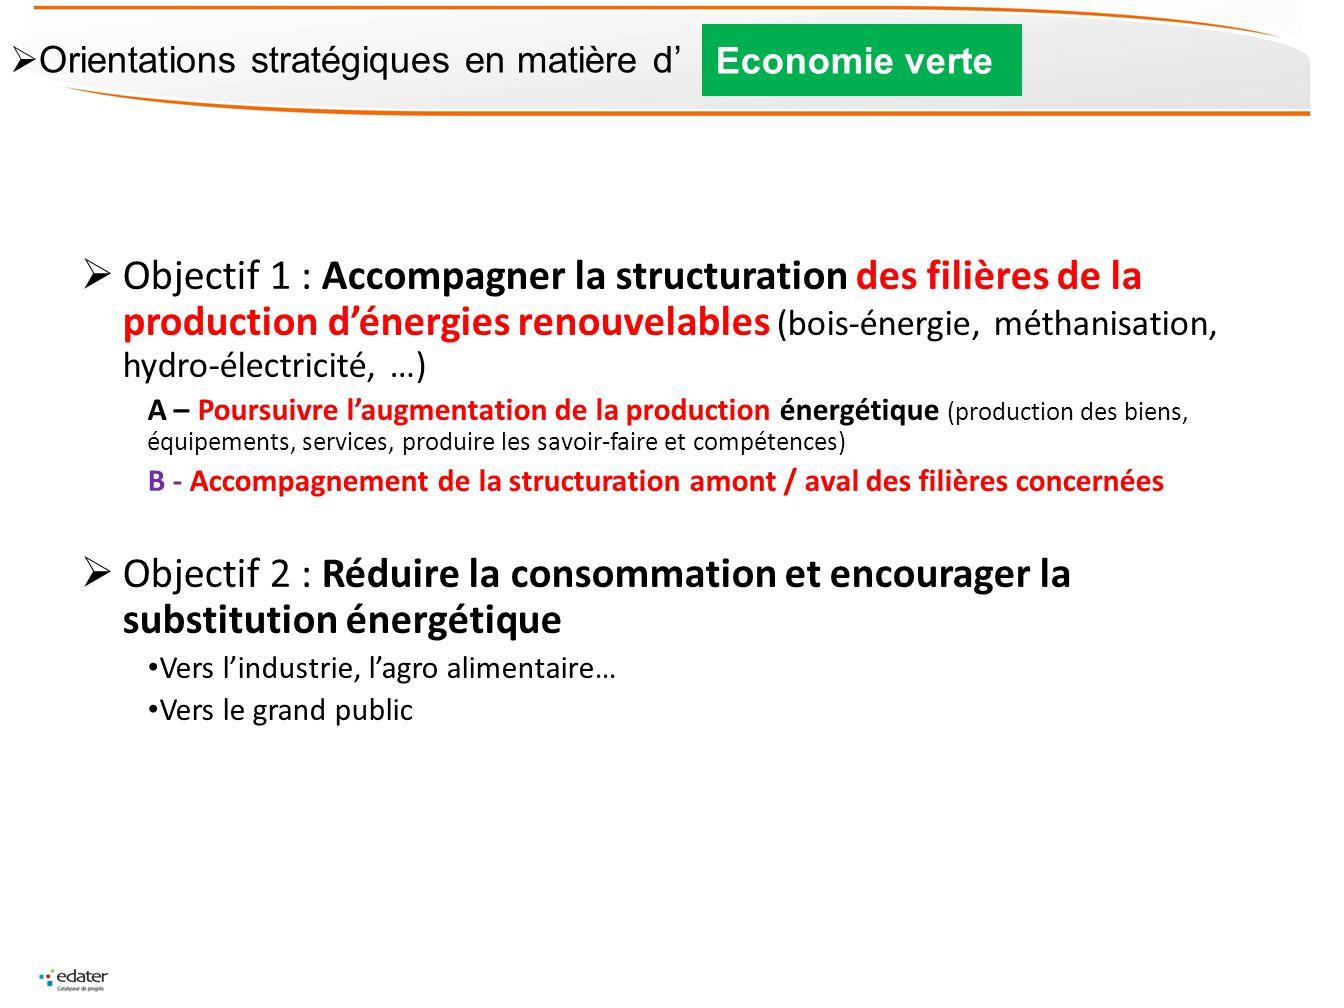 Economie verte Orientations stratégiques en matière d'